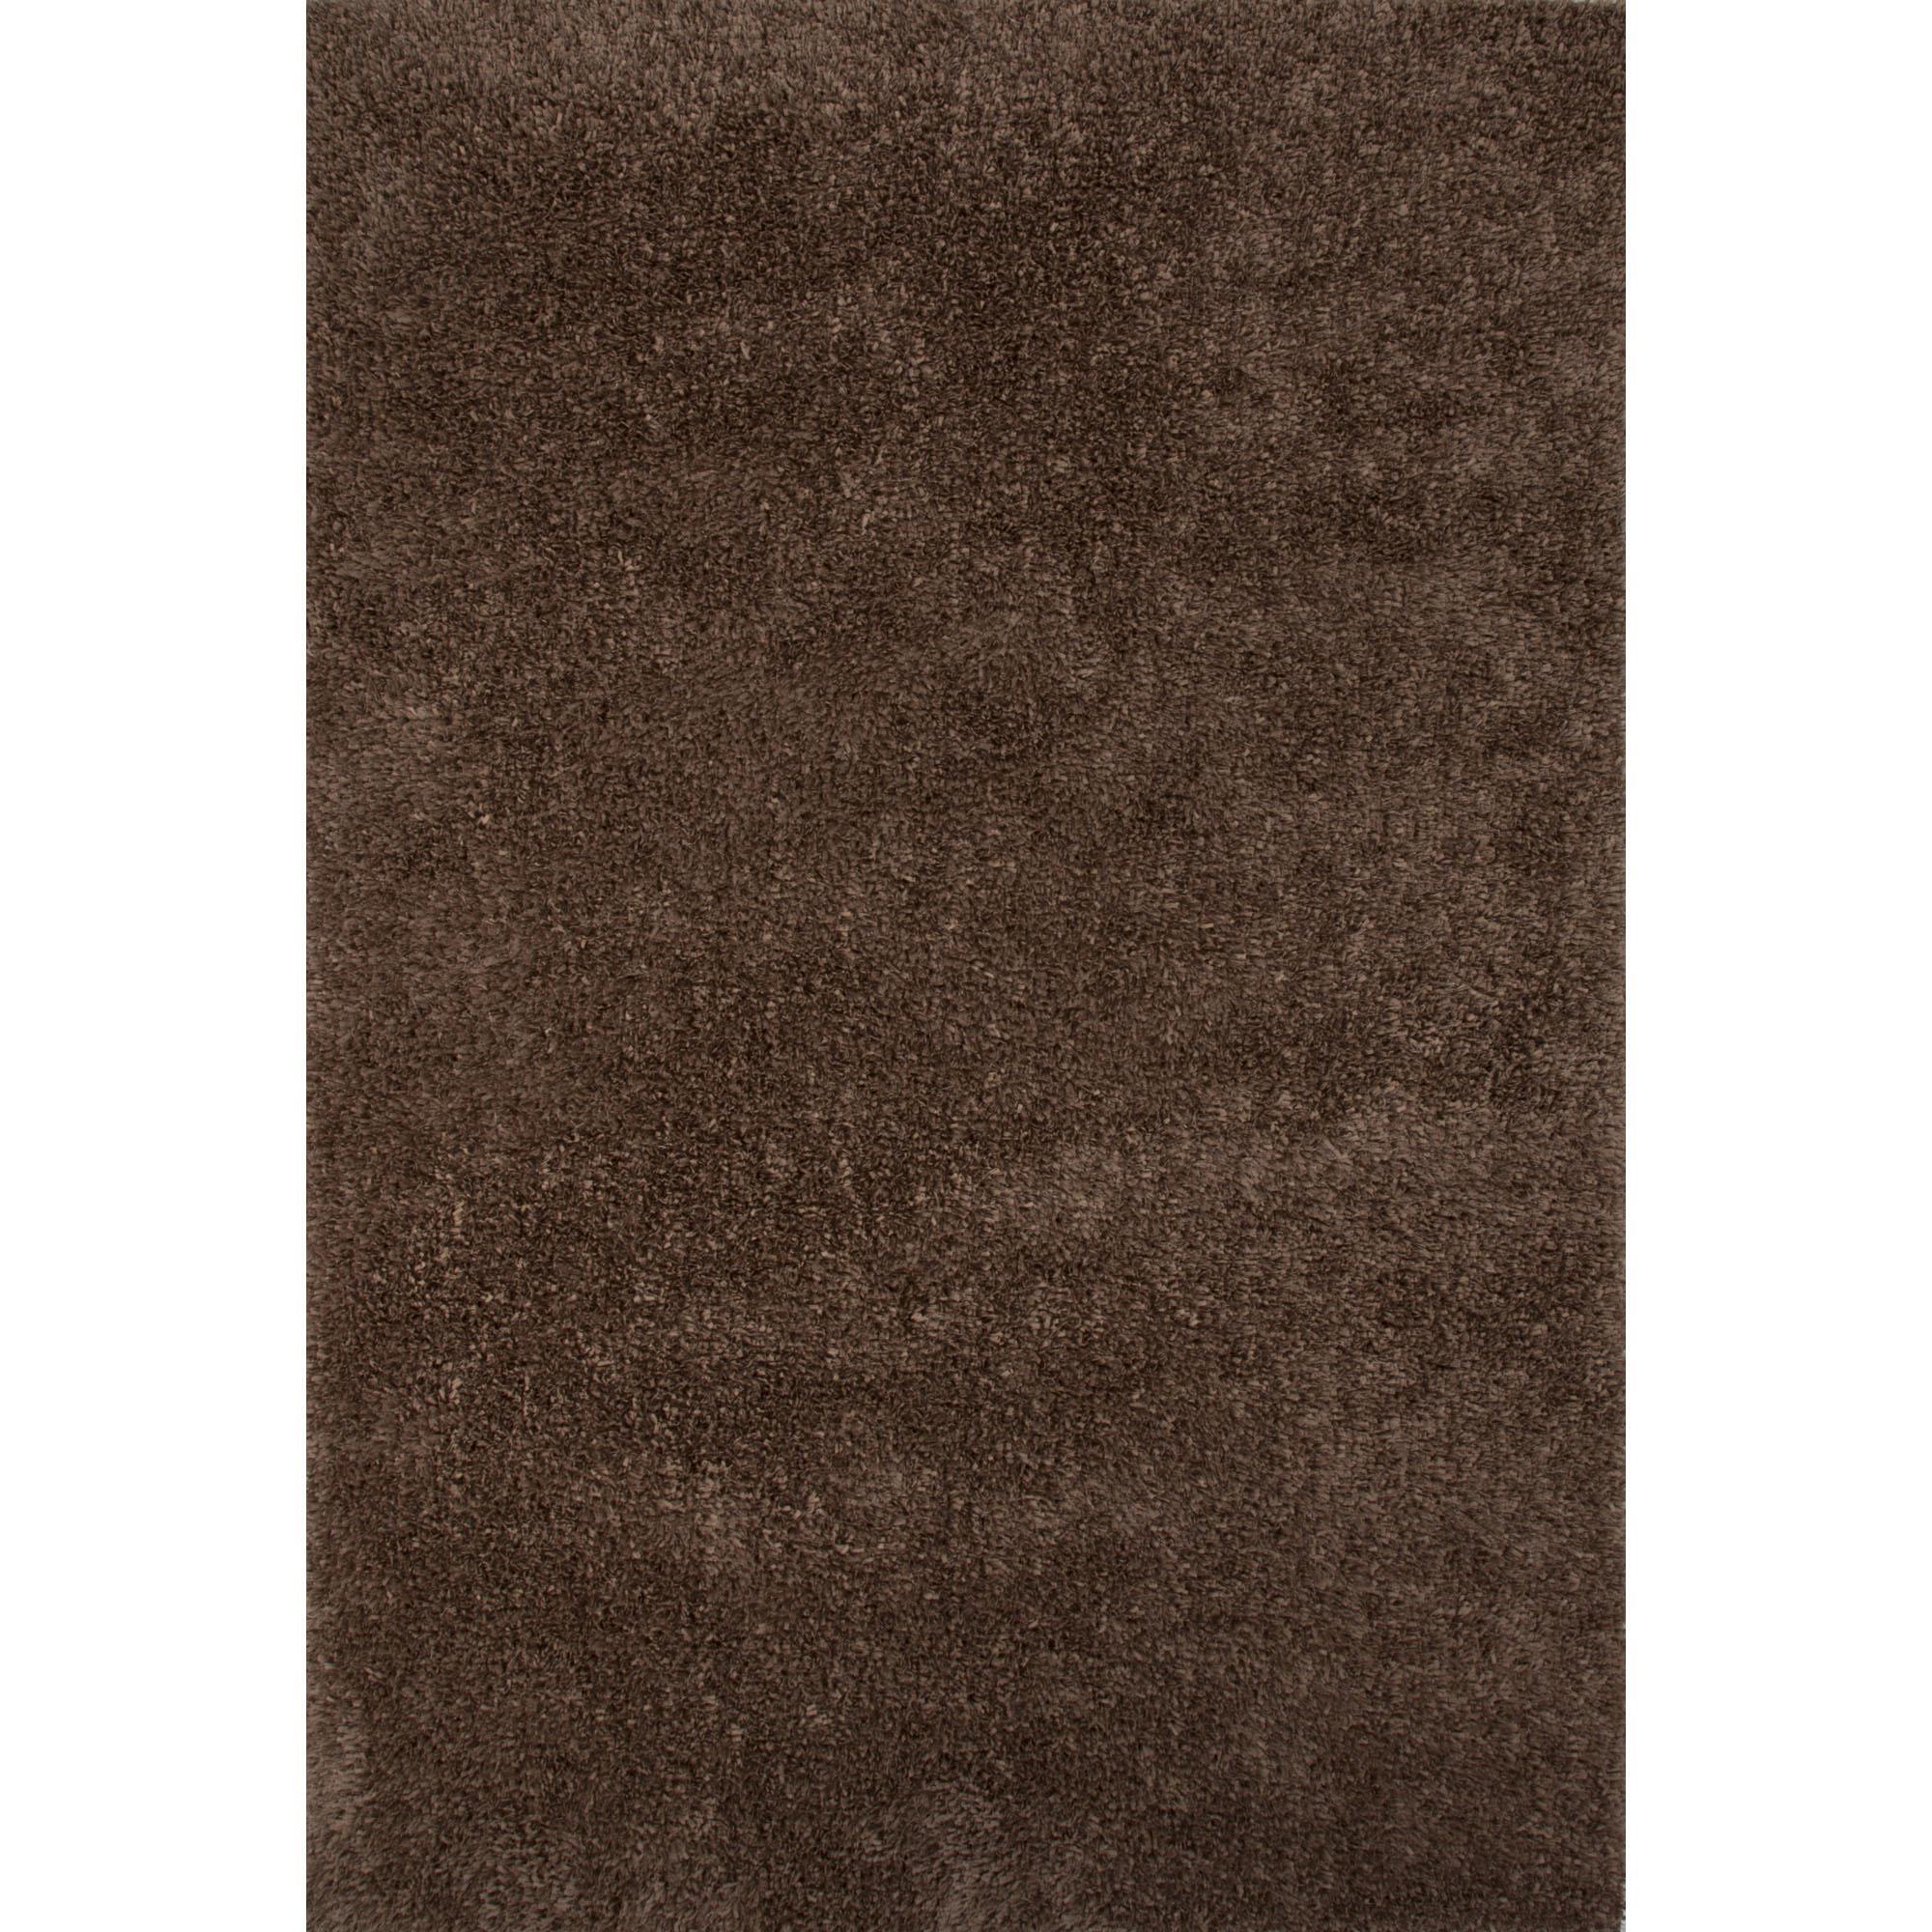 JAIPUR Rugs Cordon 7.6 x 9.6 Rug - Item Number: RUG124717